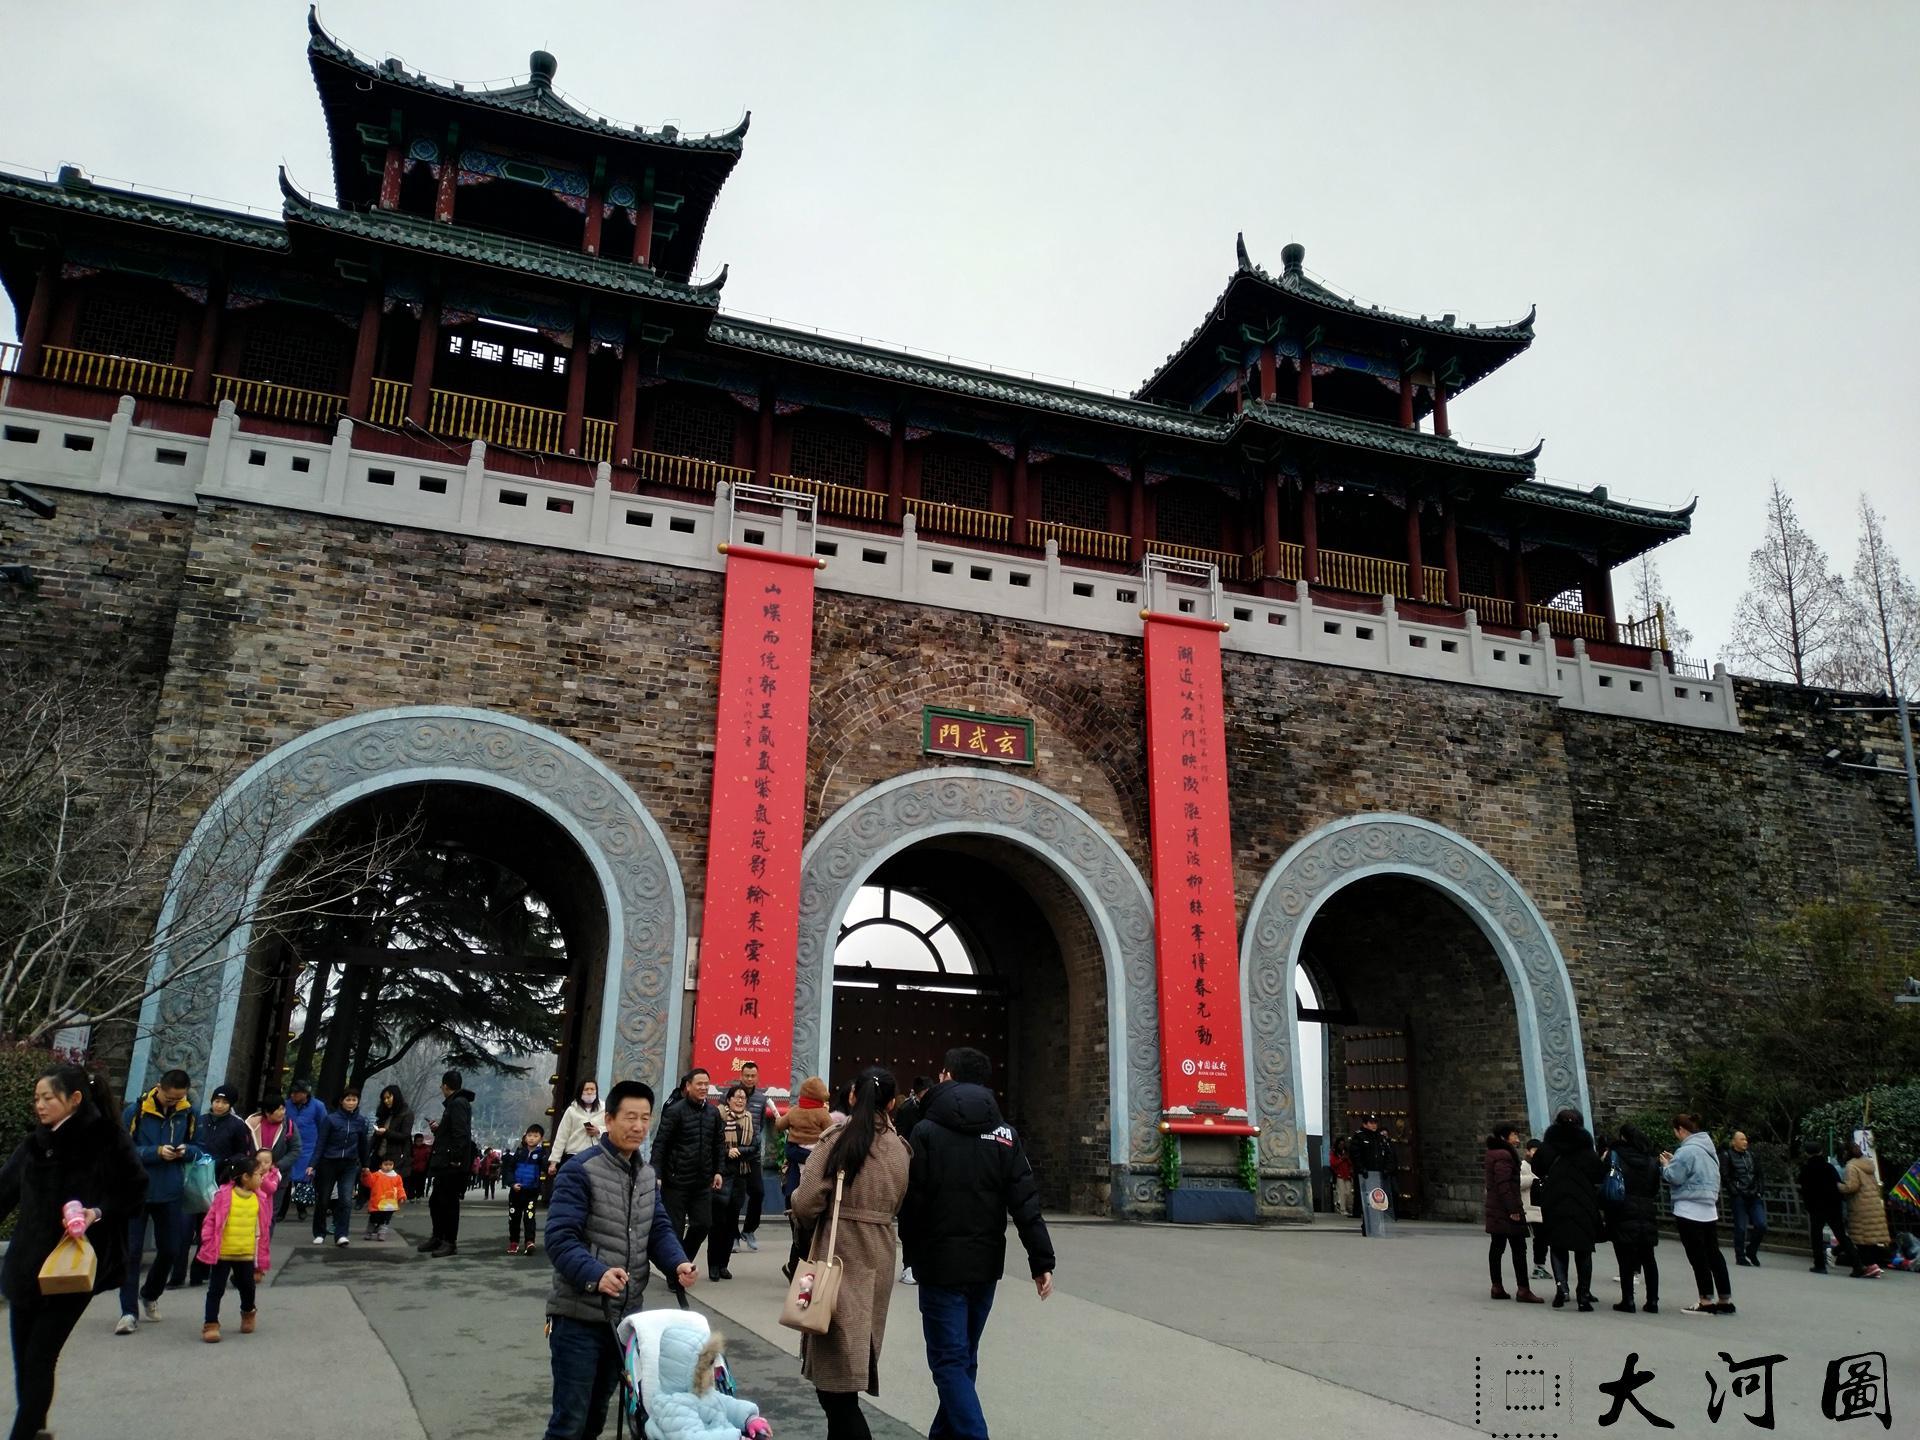 2019年3月的南京玄武湖公园之旅 摄影 第3张